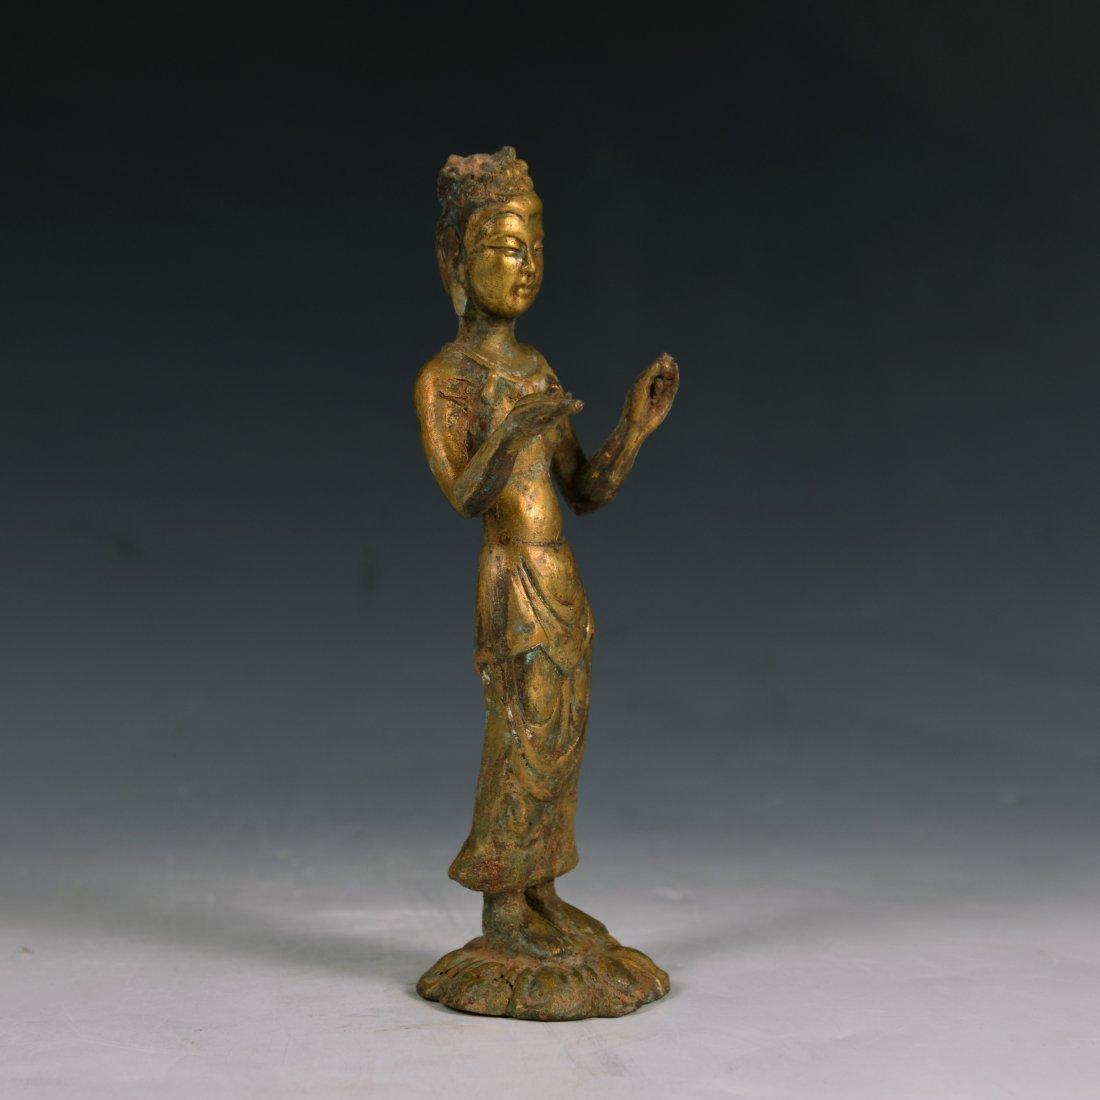 Chinese Gilt Fronze Buddha Figure